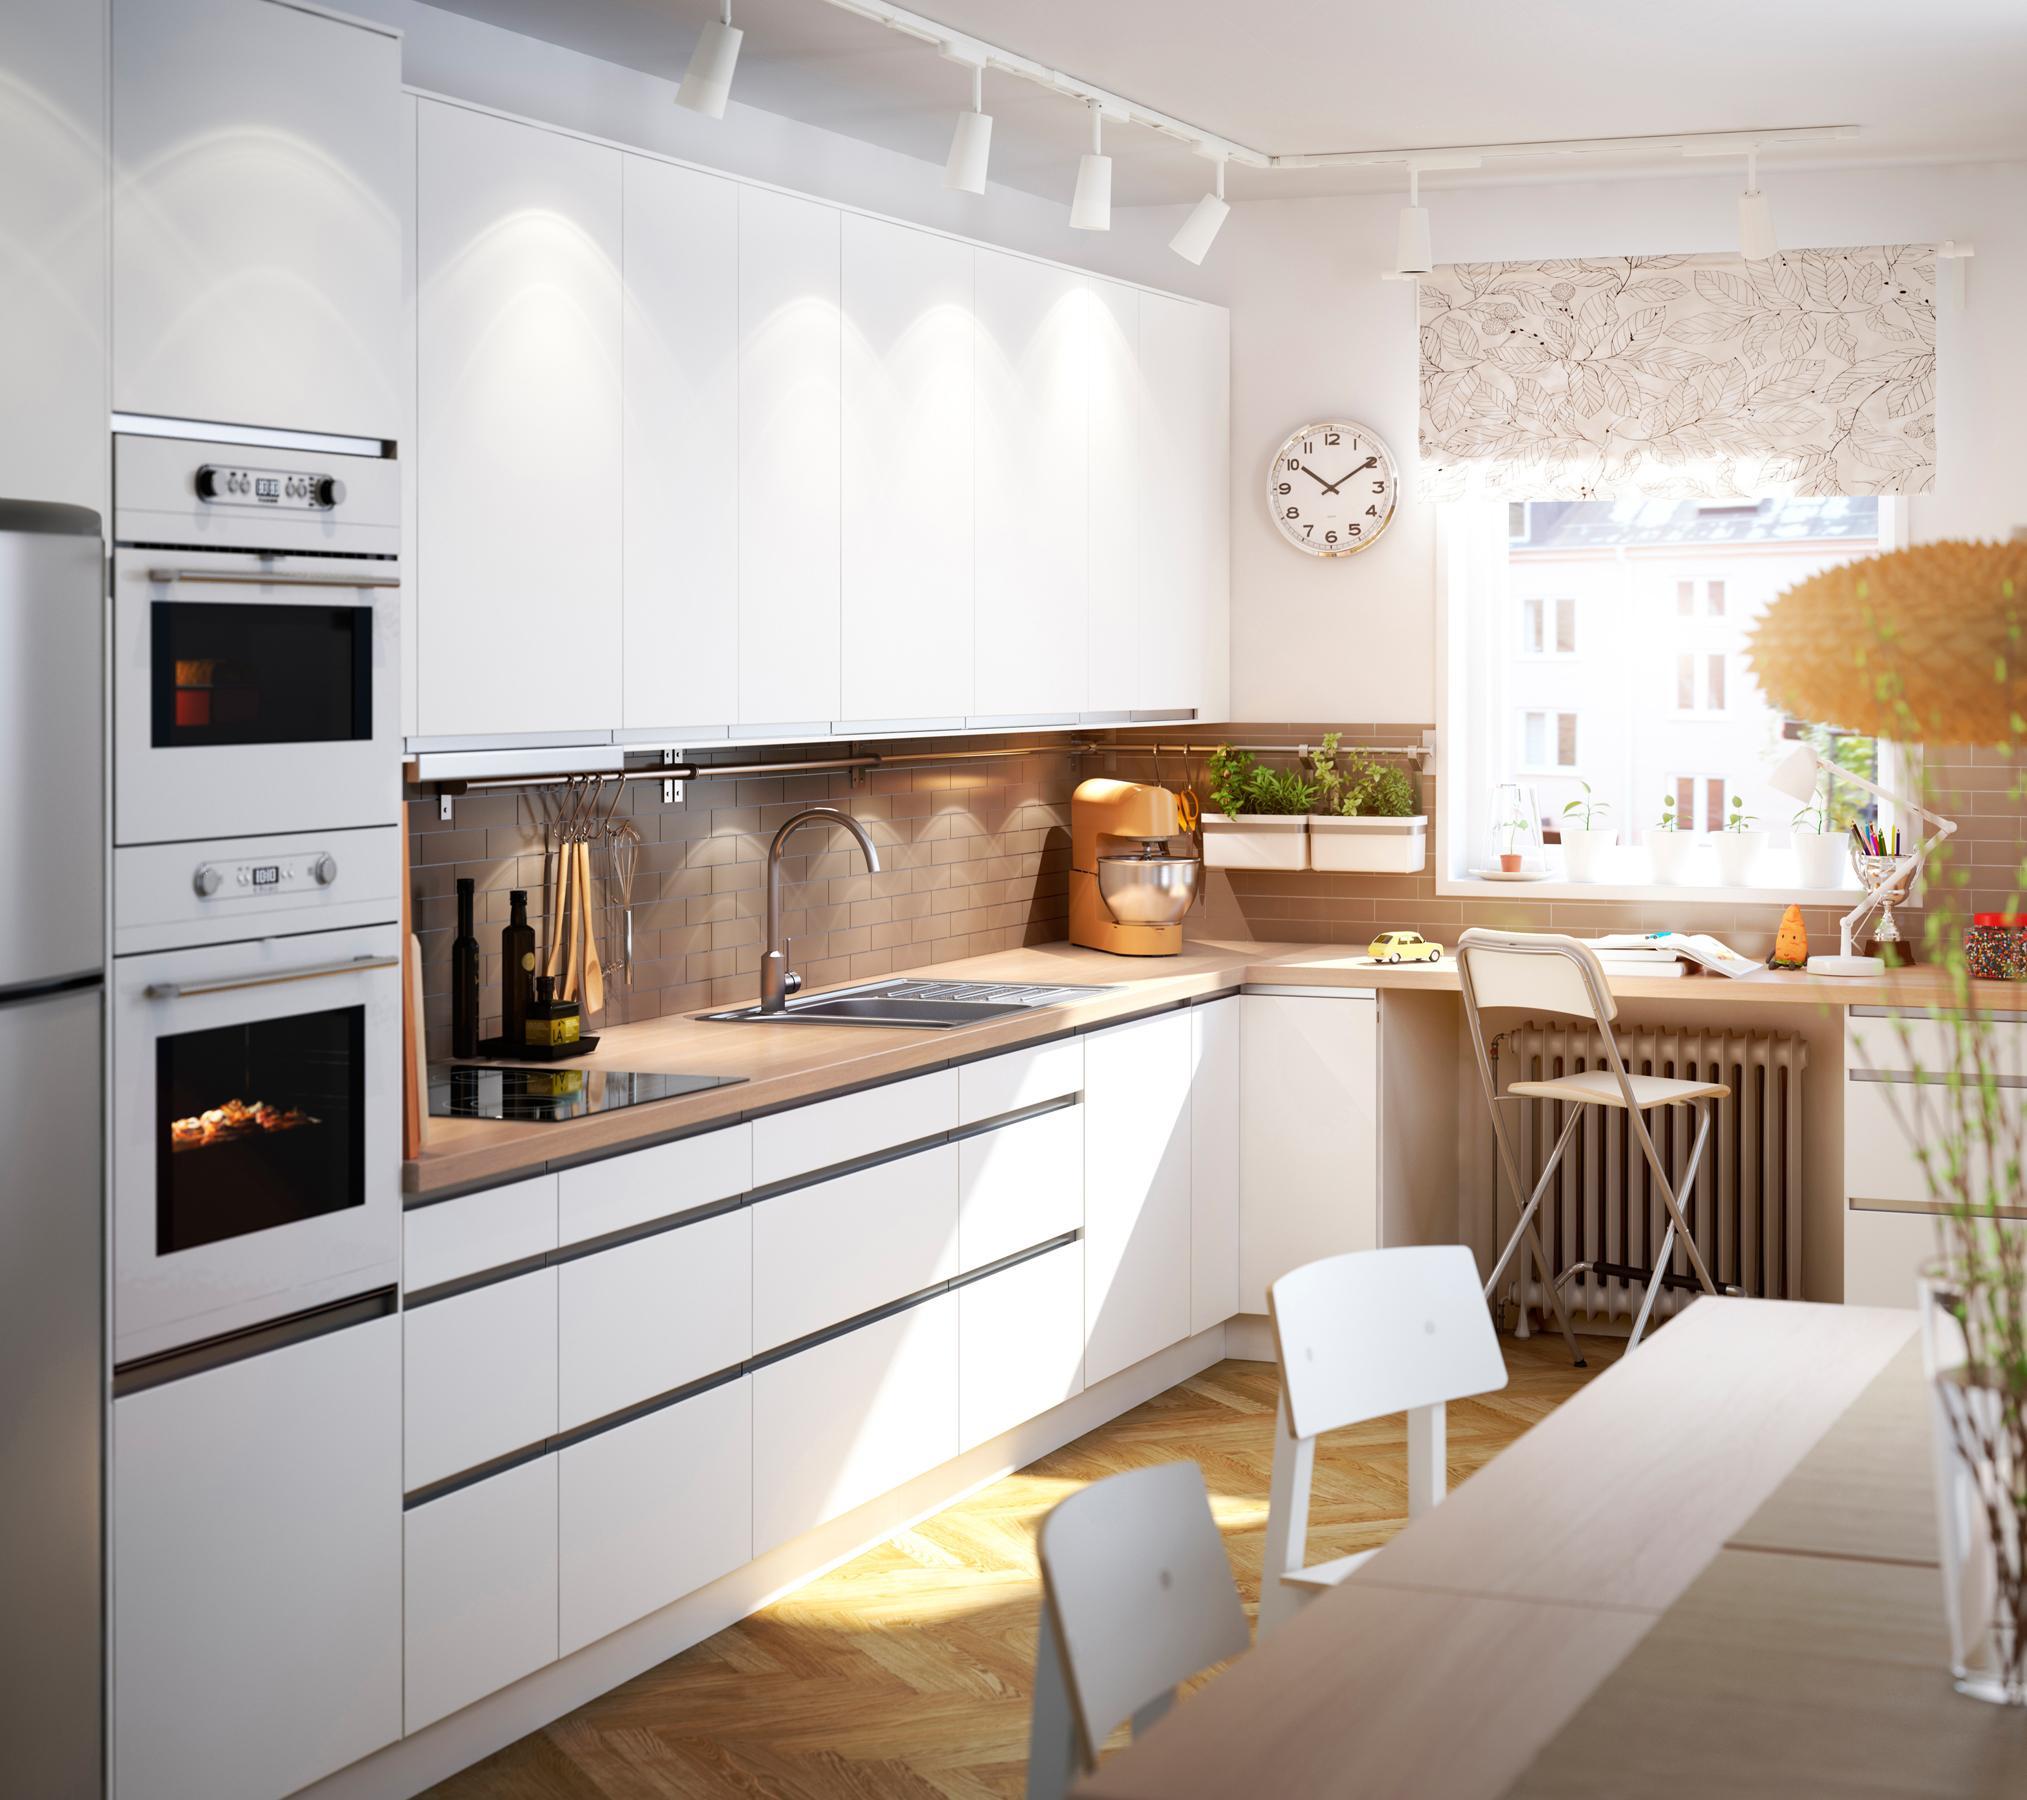 Weiße Einbauküche und Essbereich im natürlichen Look...